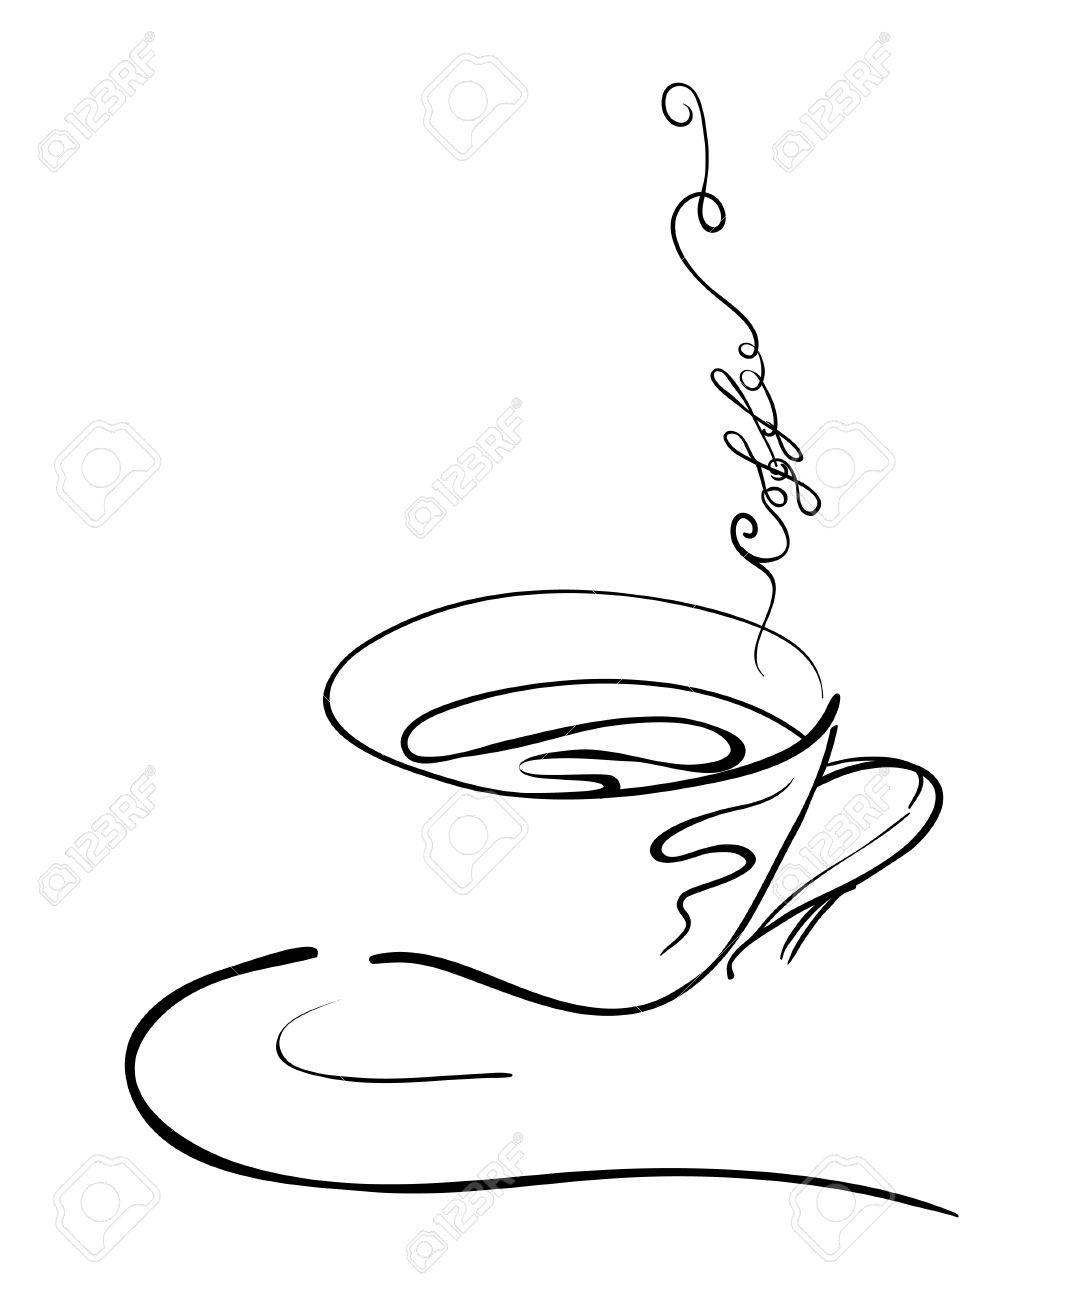 Vettoriale Illustrazione Disegno A Mano Su Una Tazza Di Caffè